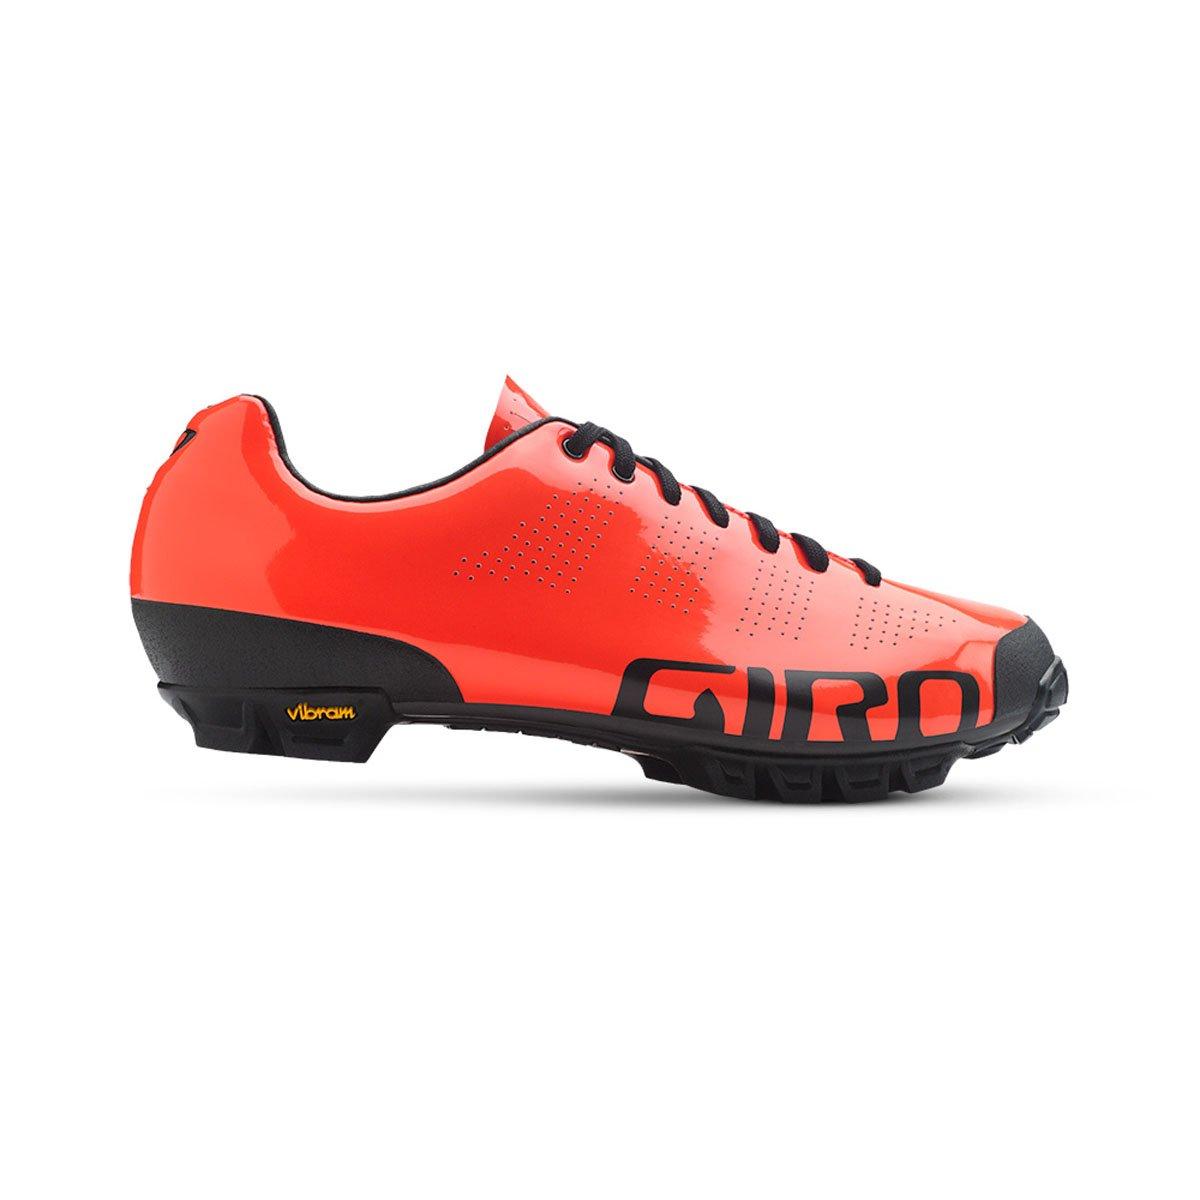 ジロ(ジロ) EMPIRE VR90 MTB RACING SHOES 70683 サイクルシューズ (Men's) B01M0OPN9R 43.5|Vermillion/Black Vermillion/Black 43.5